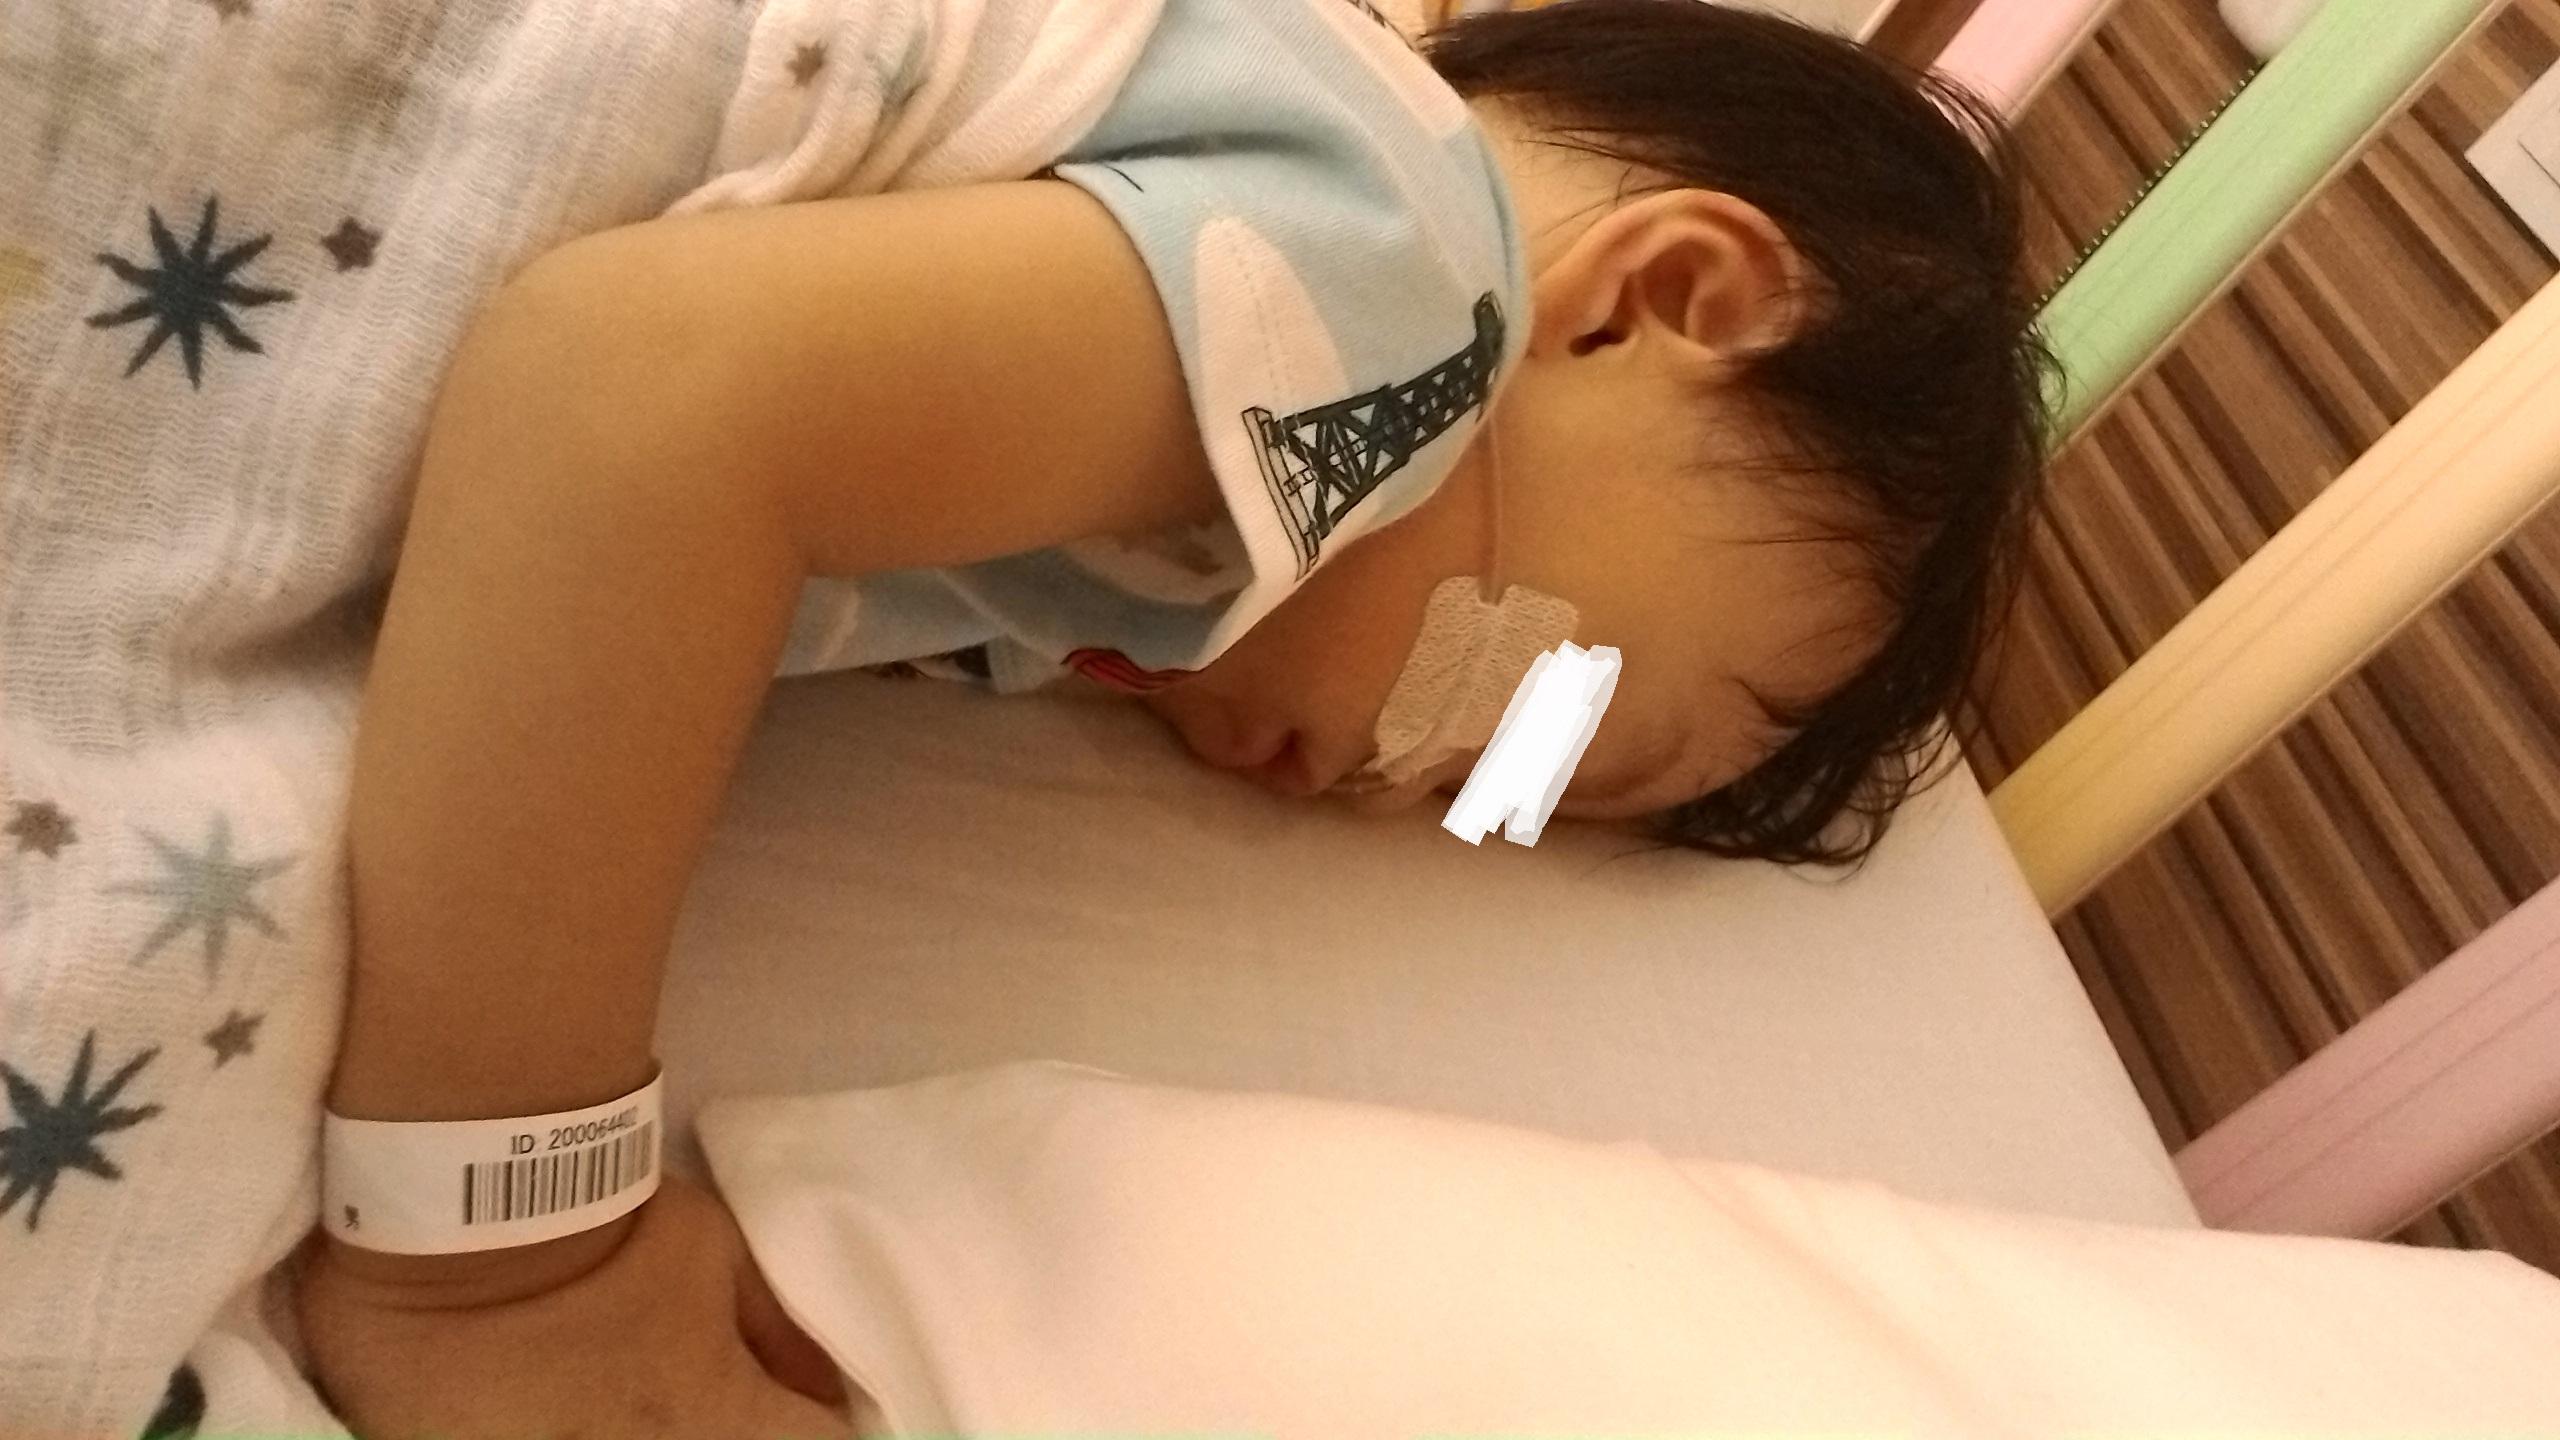 【今日から備える】入院付き添い完全ガイド【大部屋生活】